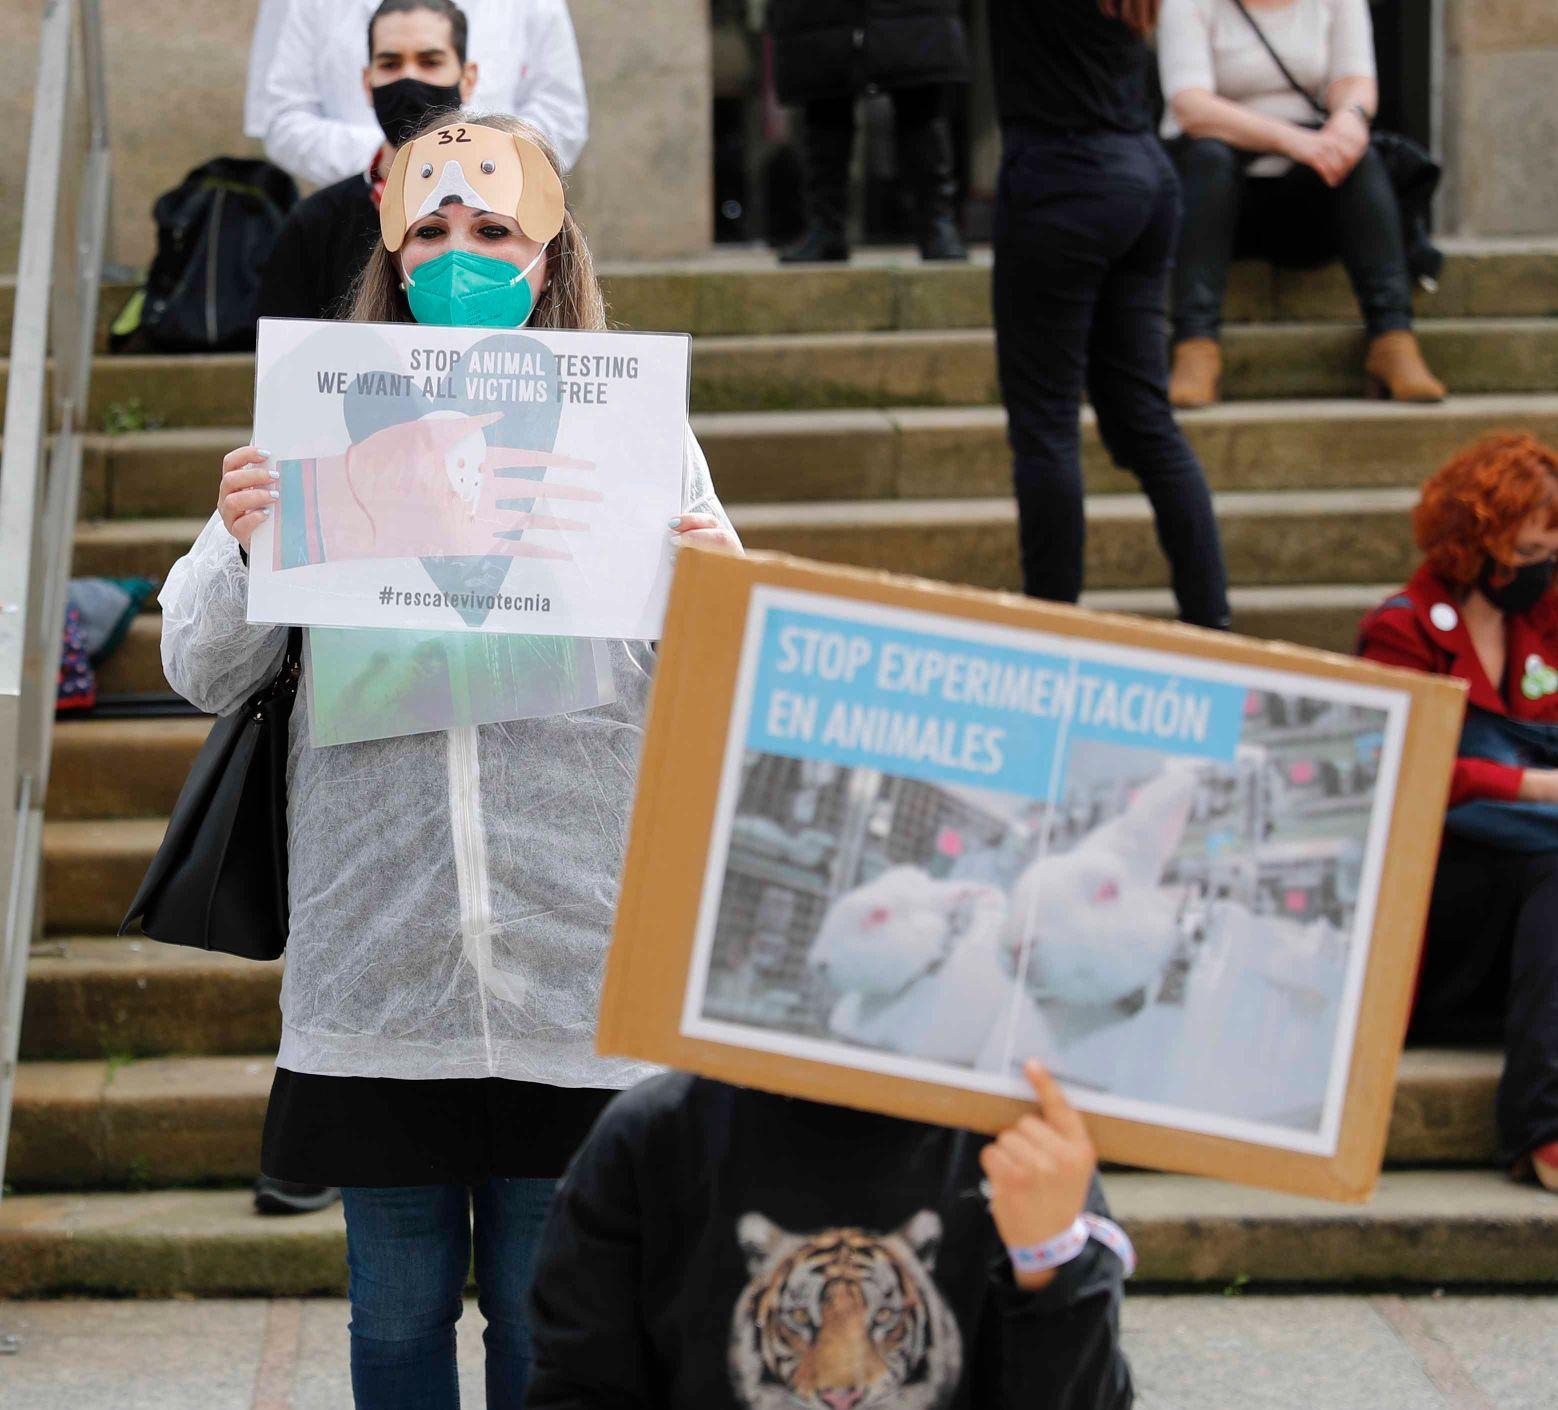 Vigo alza la voz contra la experimentación animal